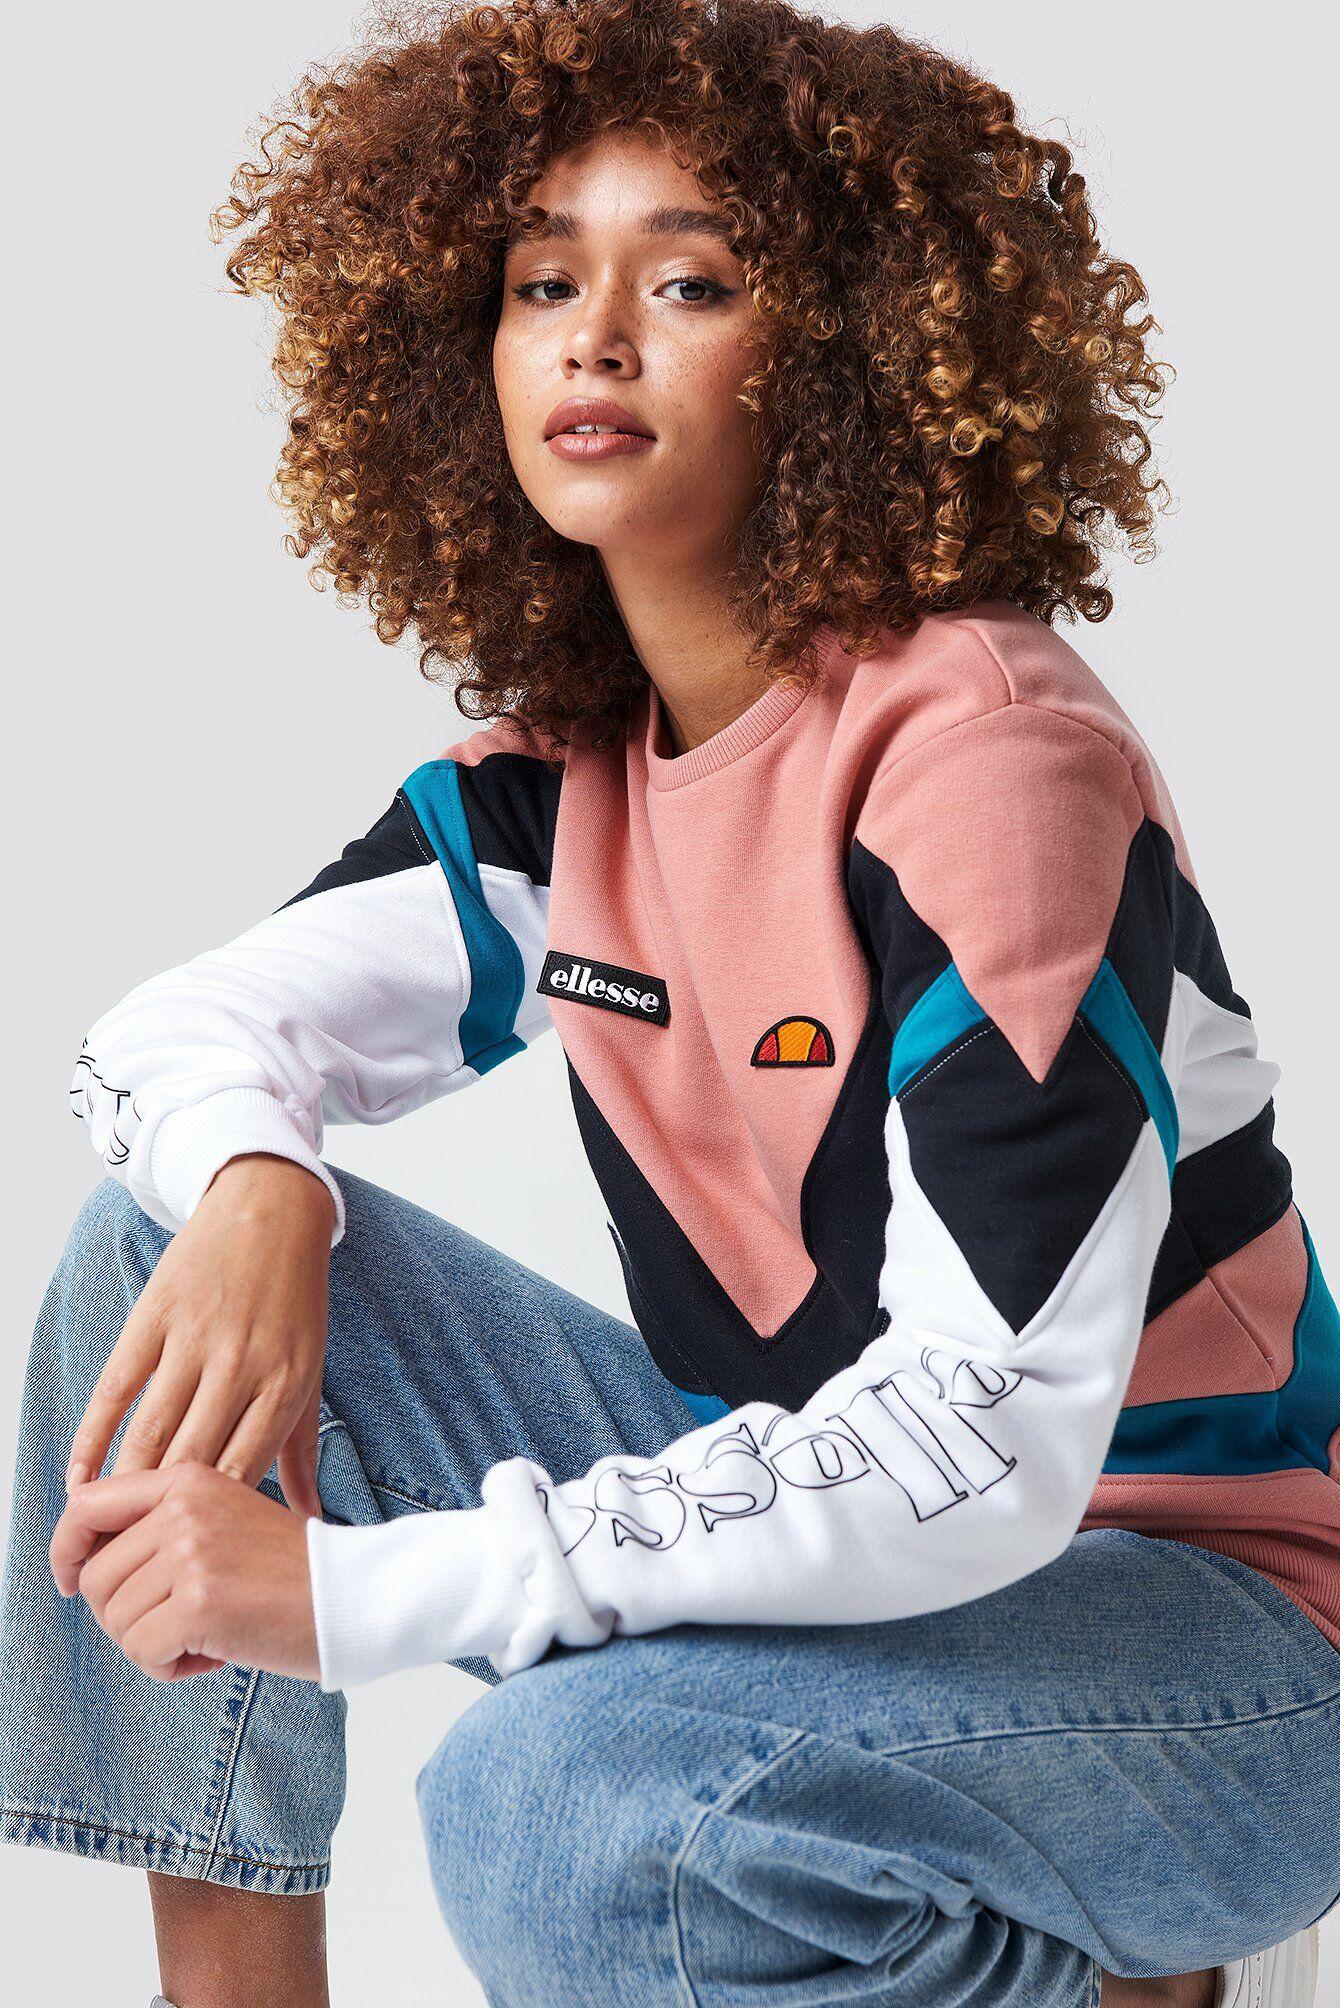 Ellesse El Robiola Sweatshirt - Pink,Multicolor